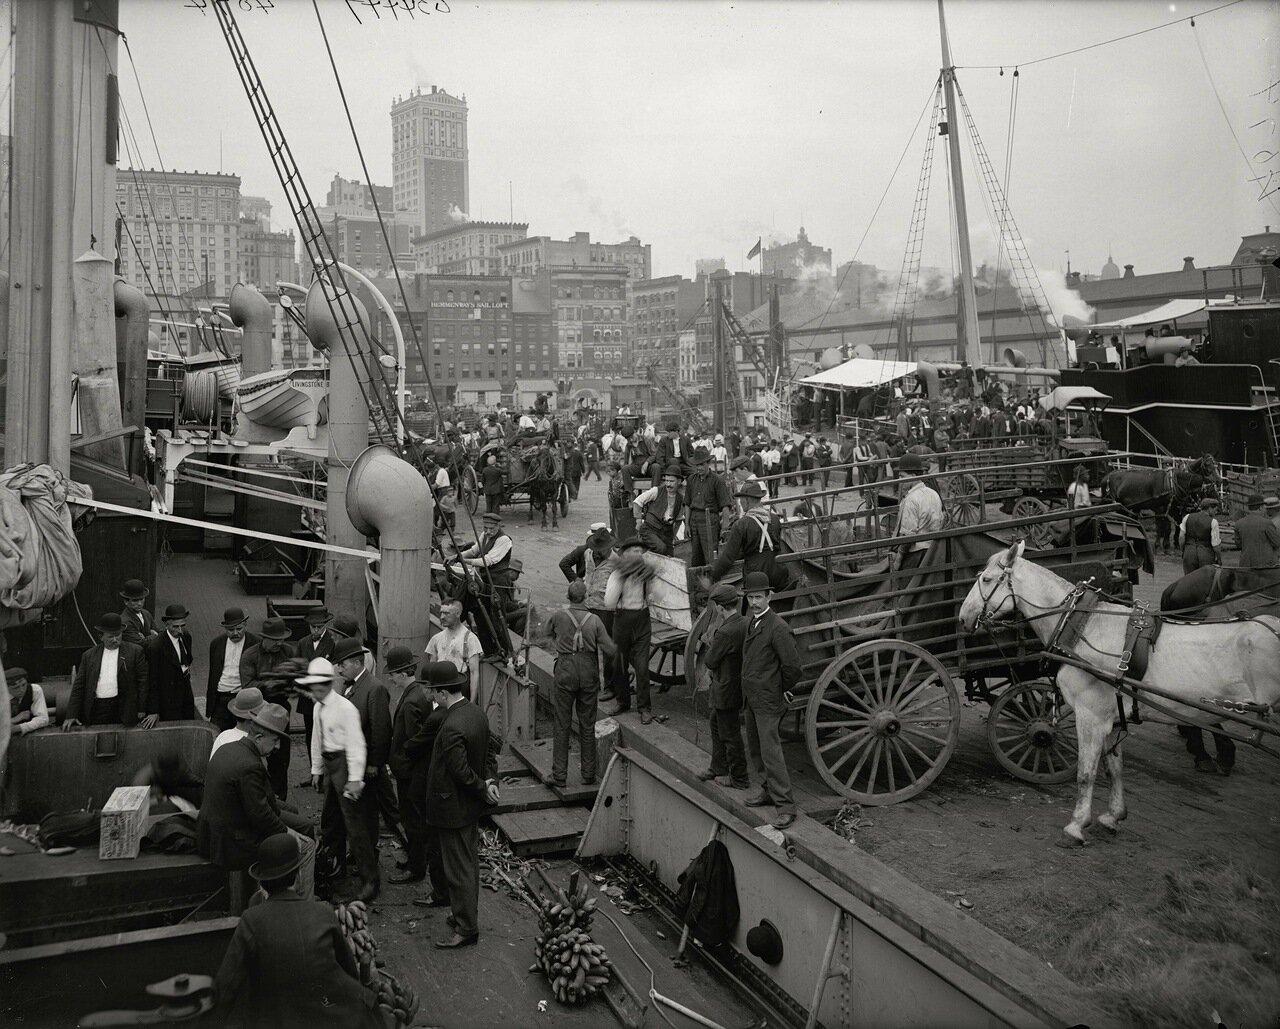 Банановый пирс, Нью-Йорк, примерно1890-1910 гг.